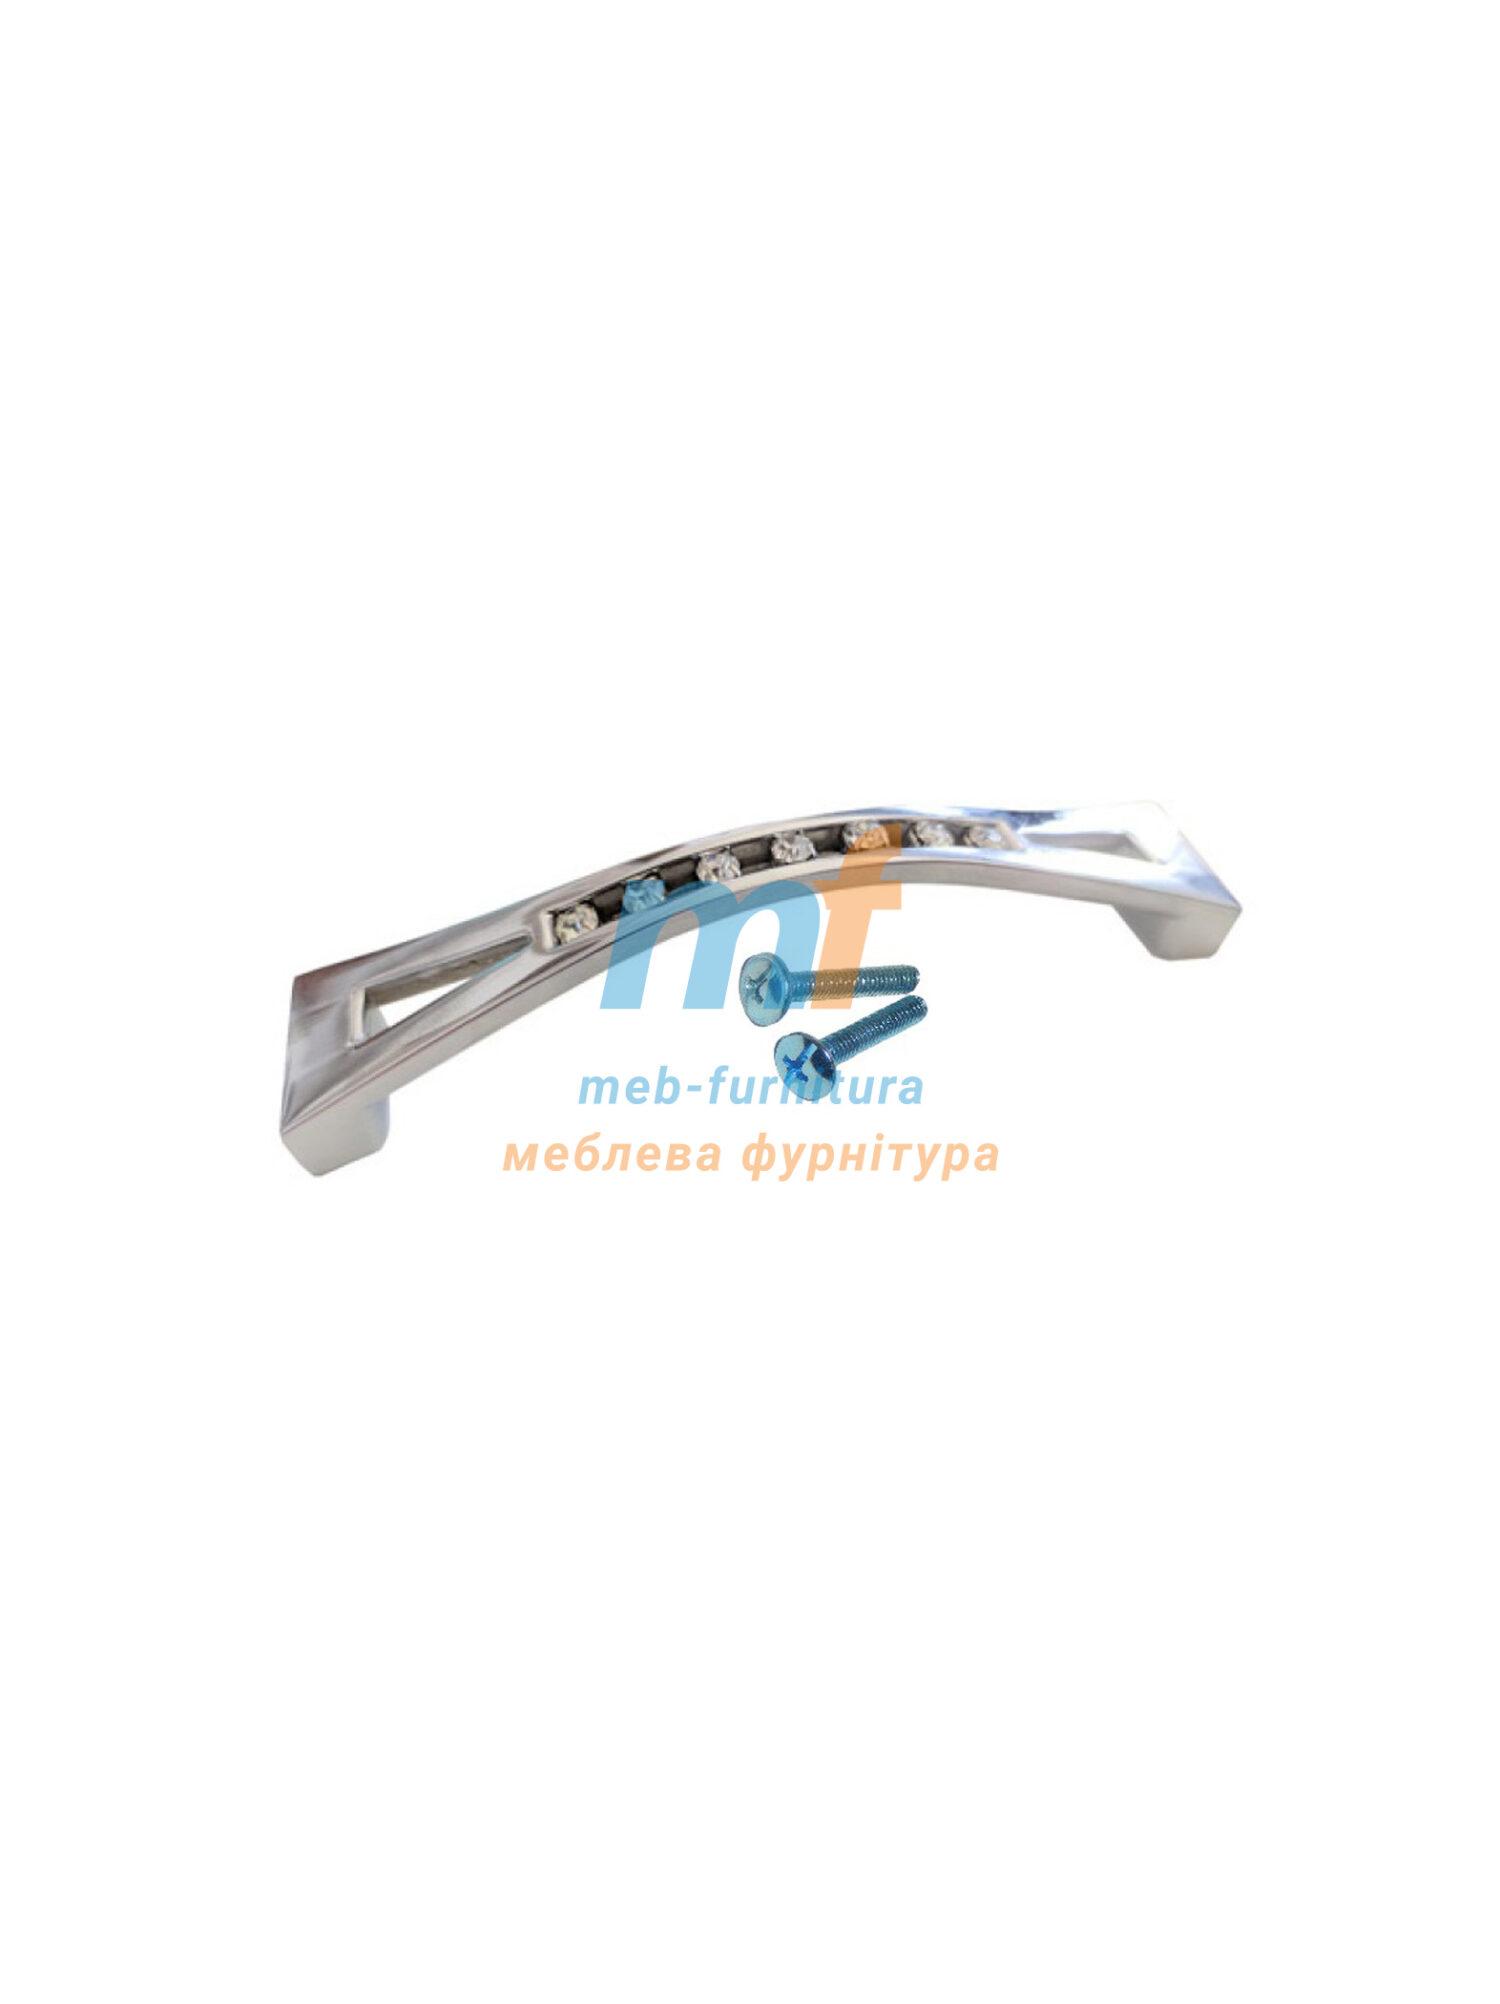 Ручка мебельная KRISTAL 01-96mm Хром